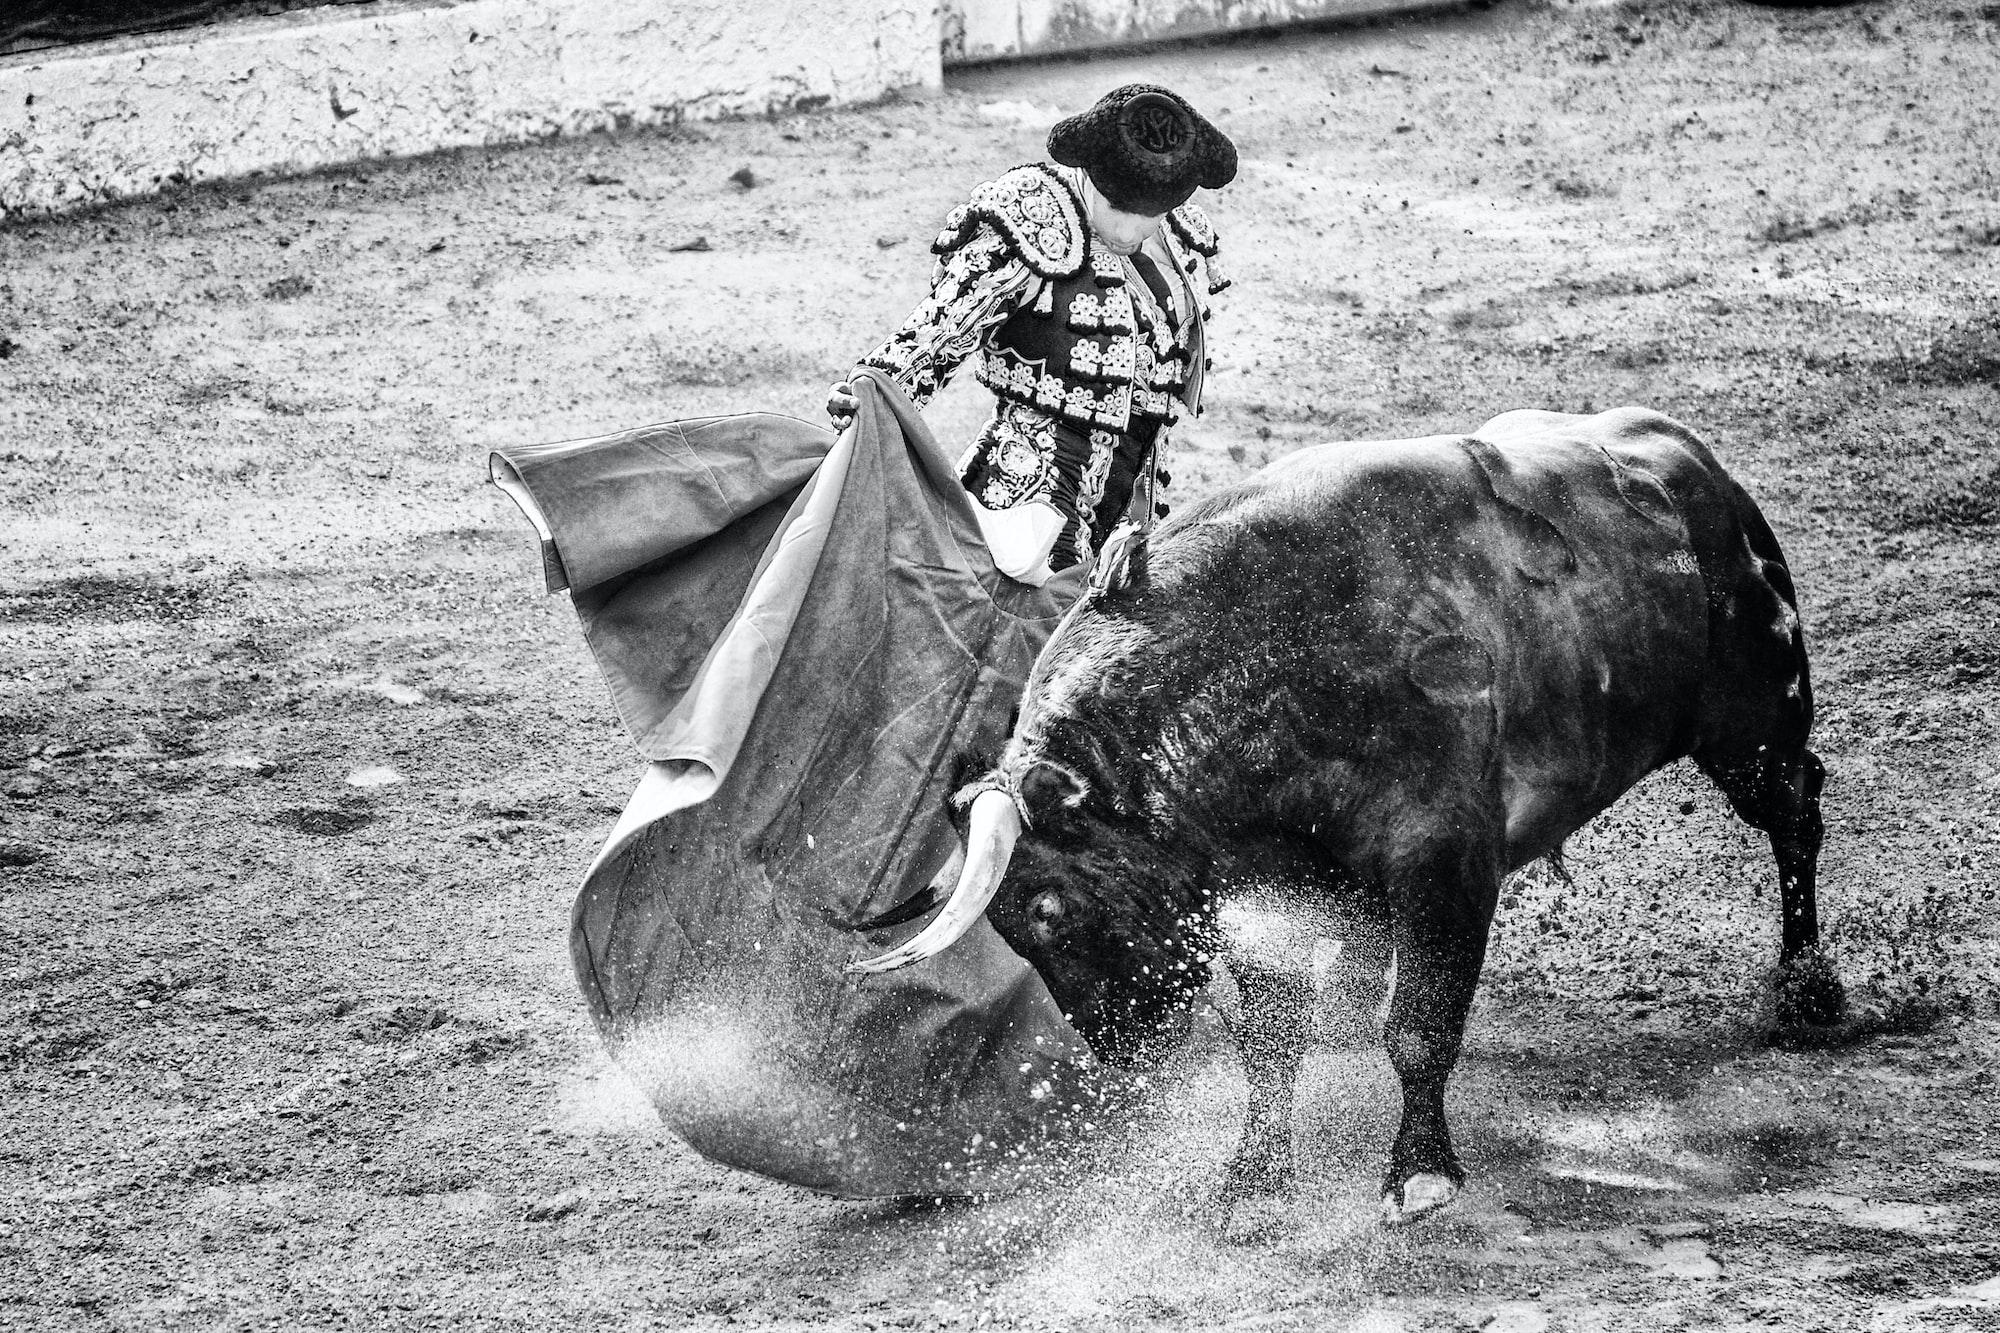 VIDÉO. Arles : un taureau s'échappe dans les rues de la ville et blesse une femme